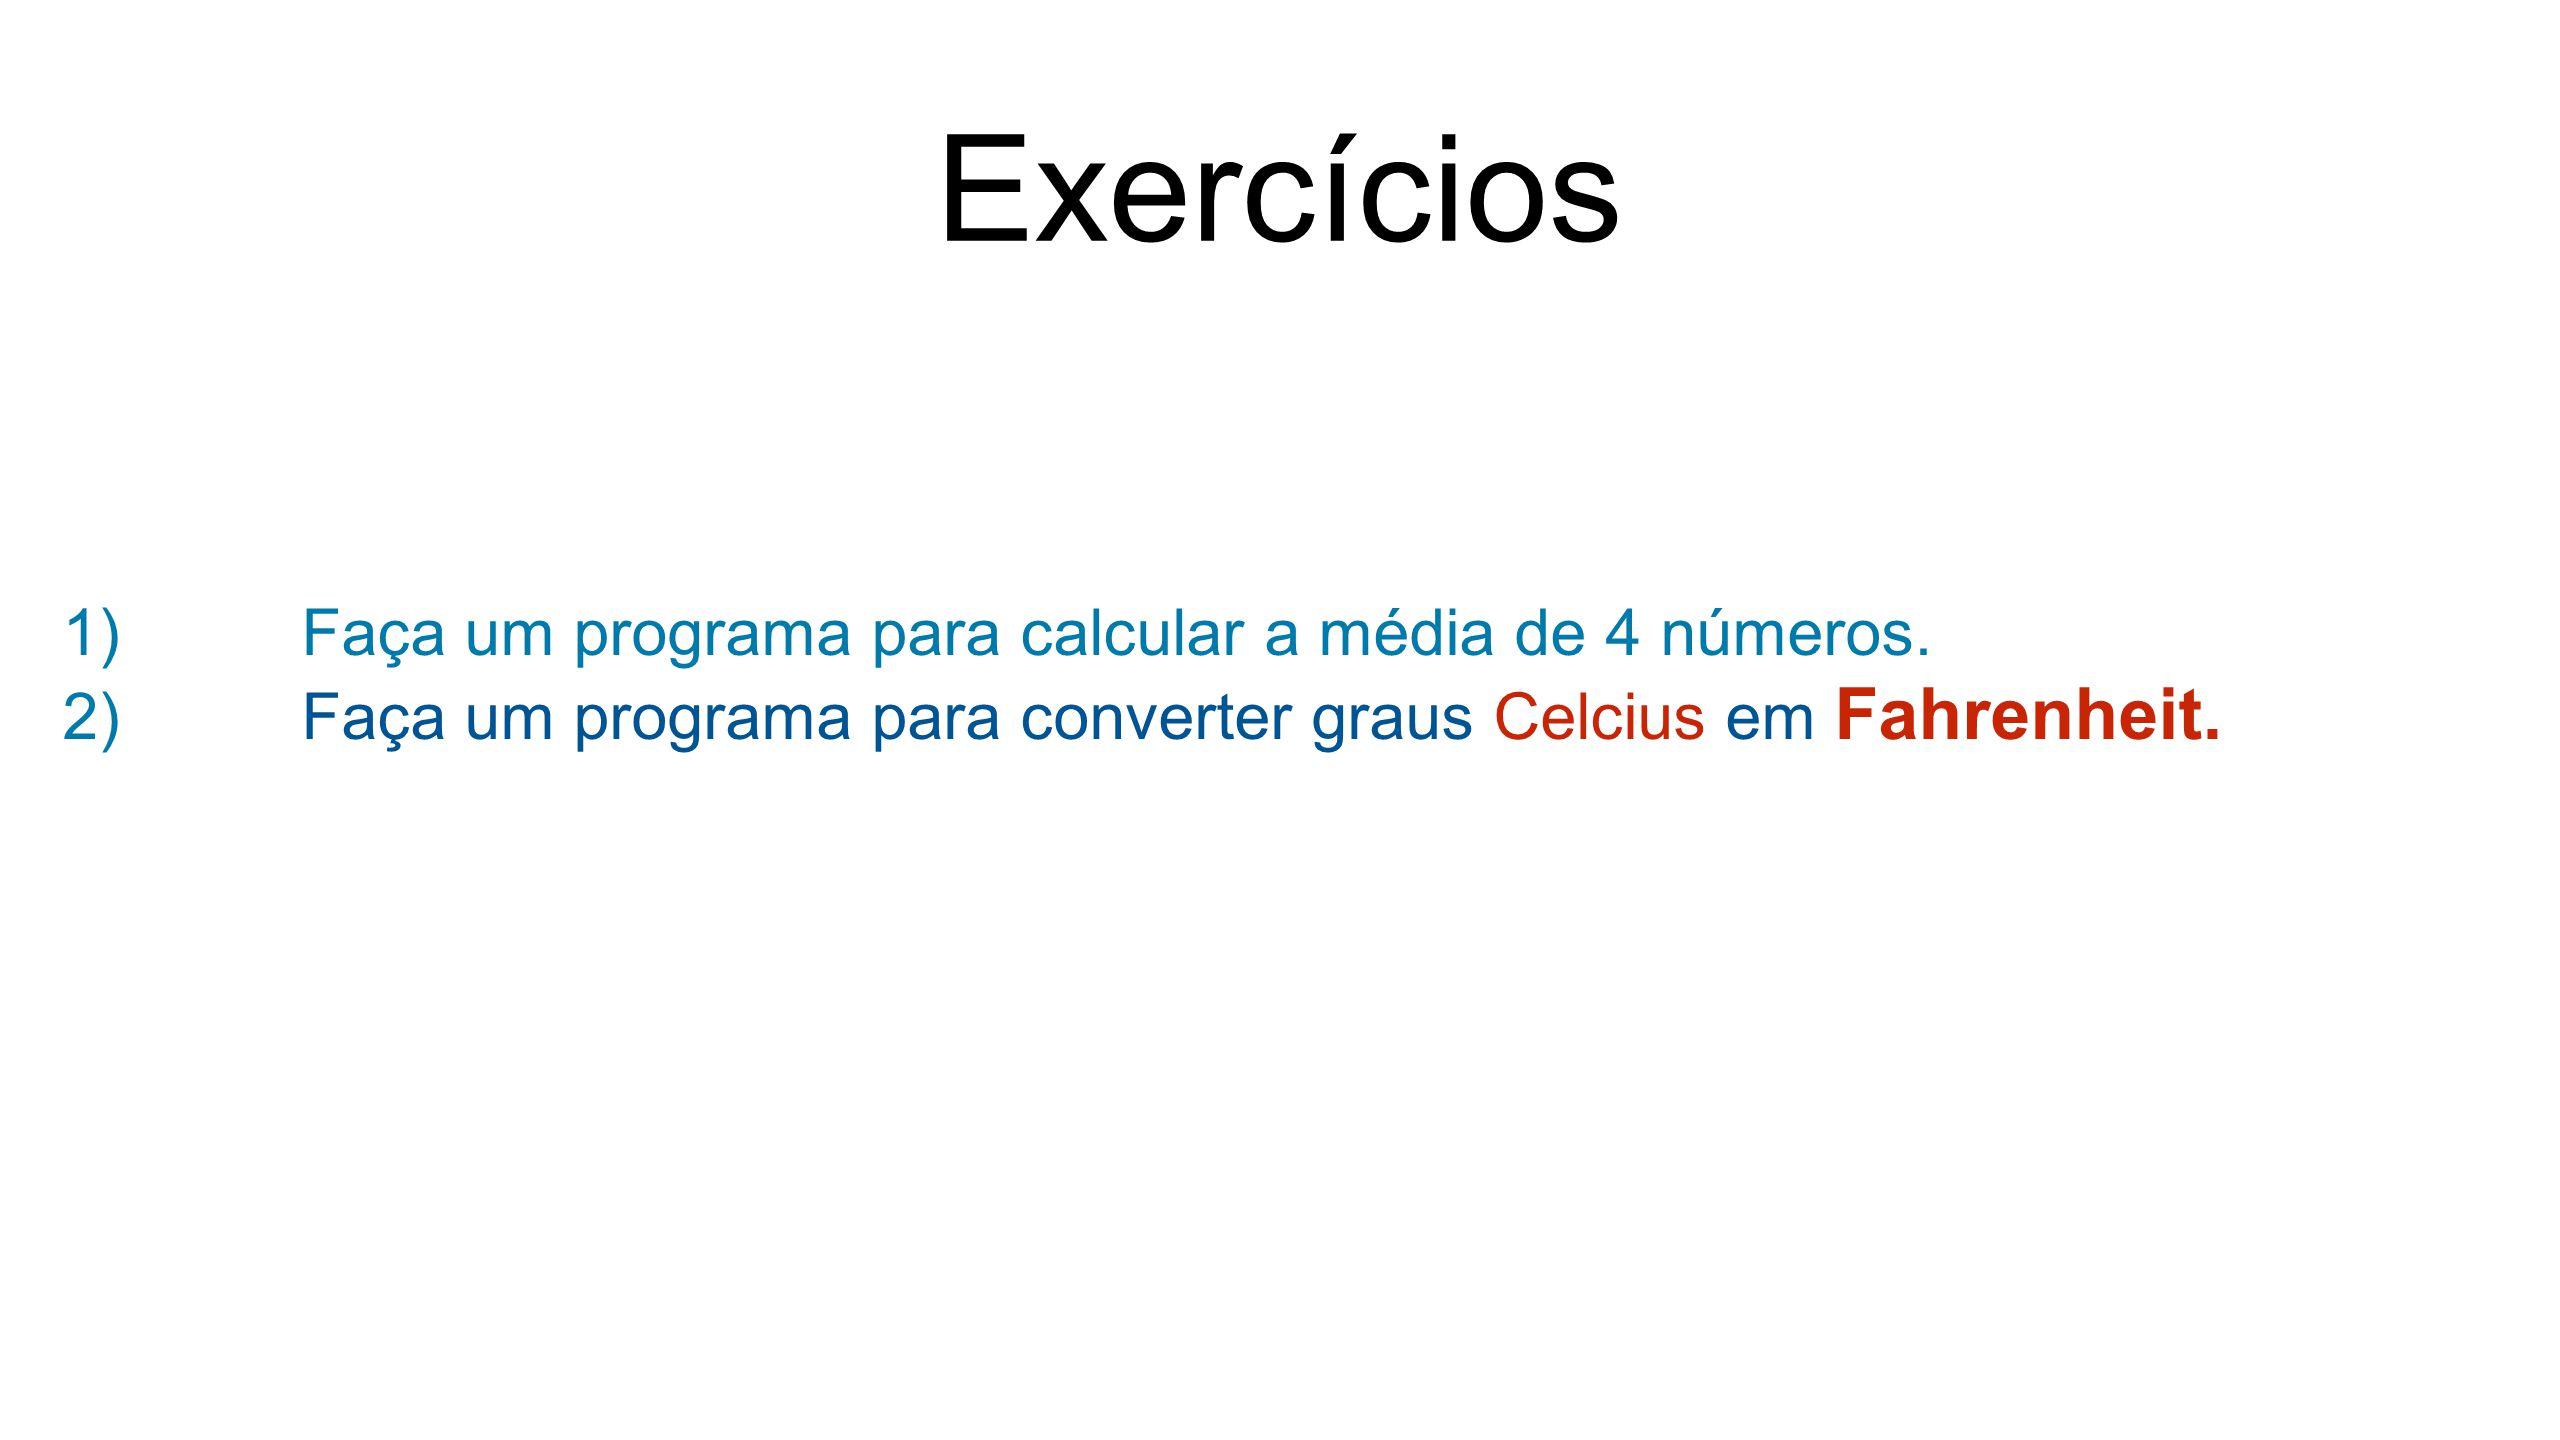 Exercícios 1)Faça um programa para calcular a média de 4 números.